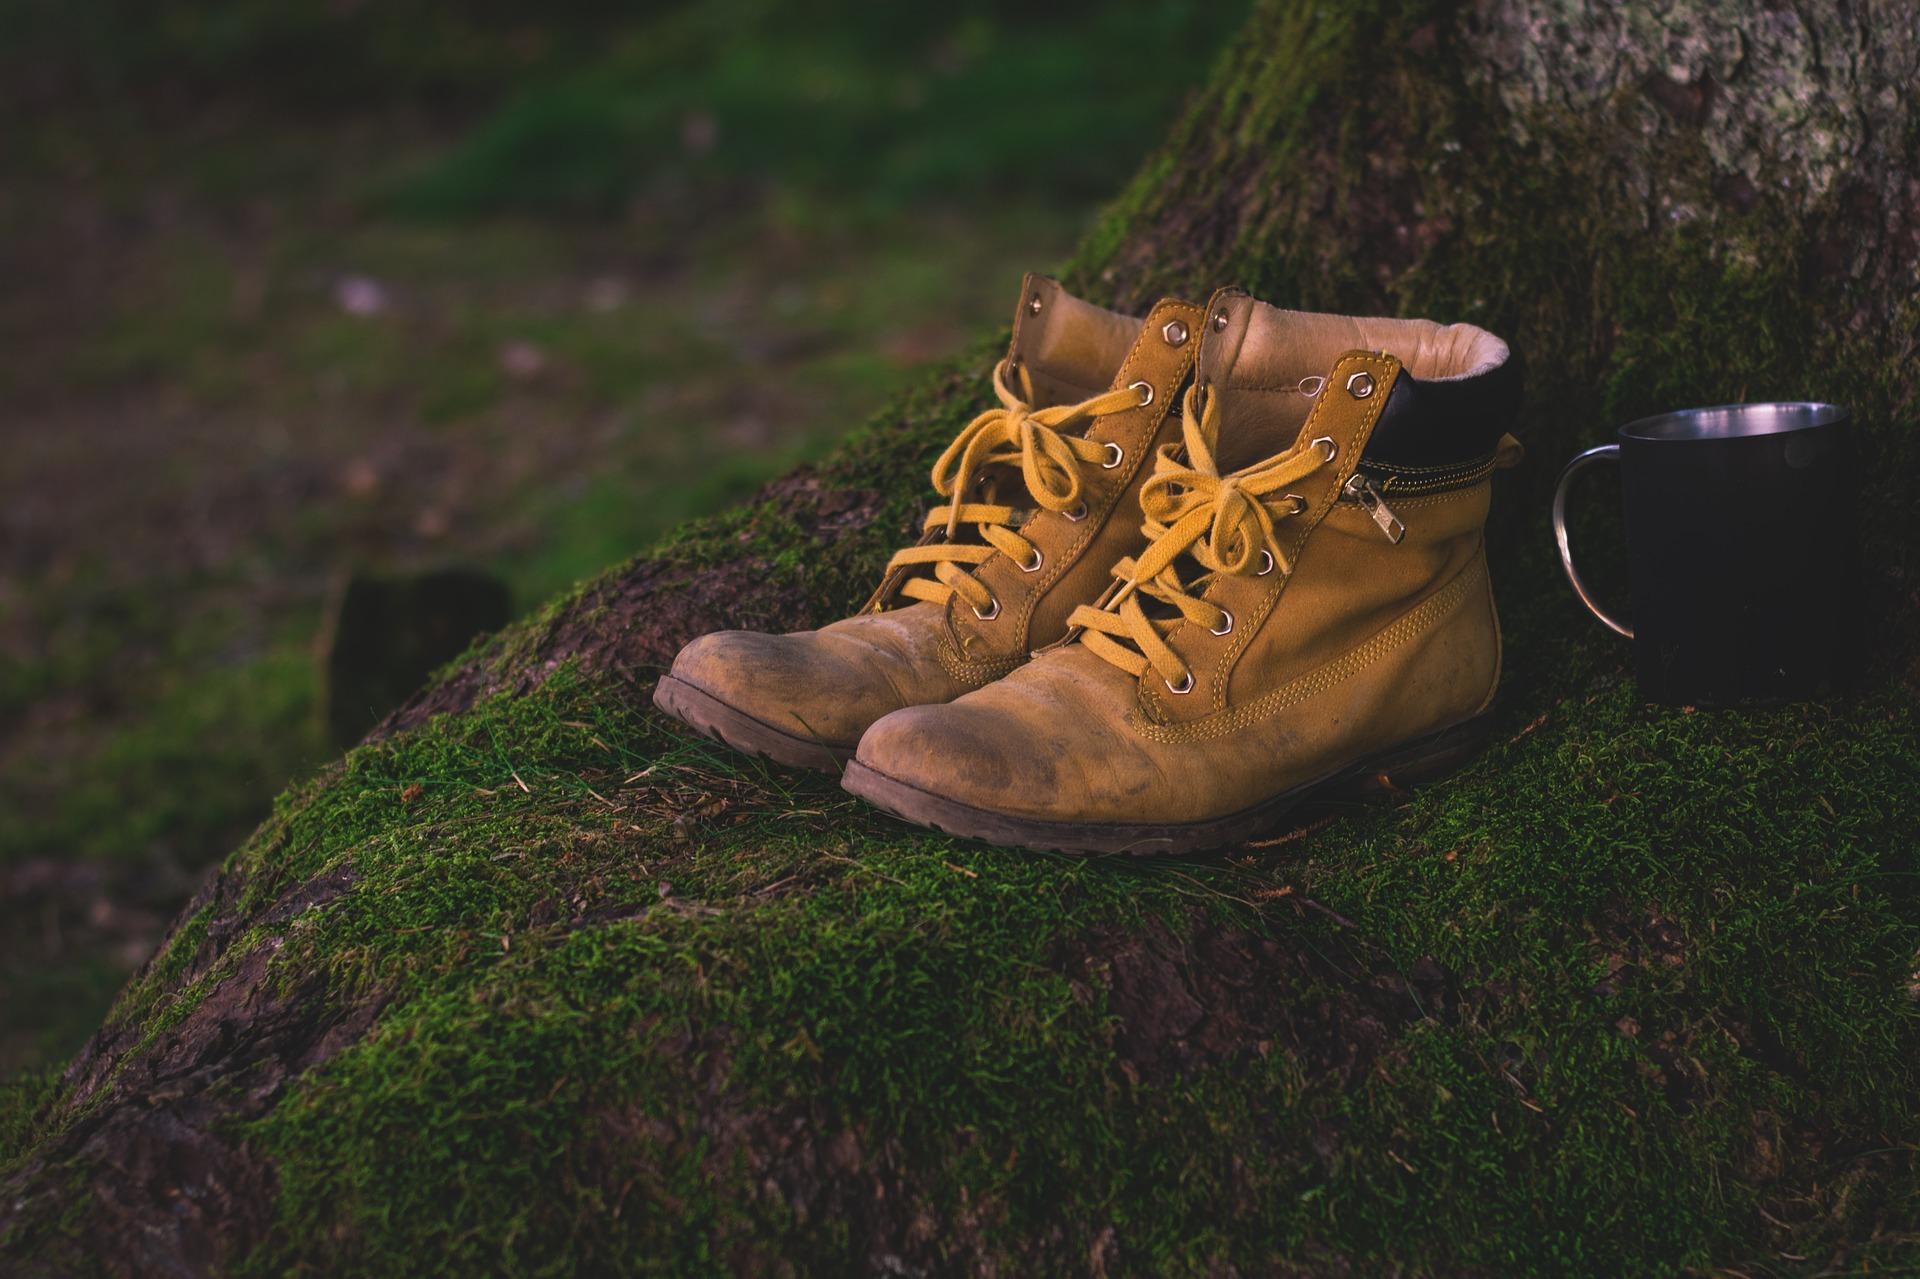 shoes-1638873_1920